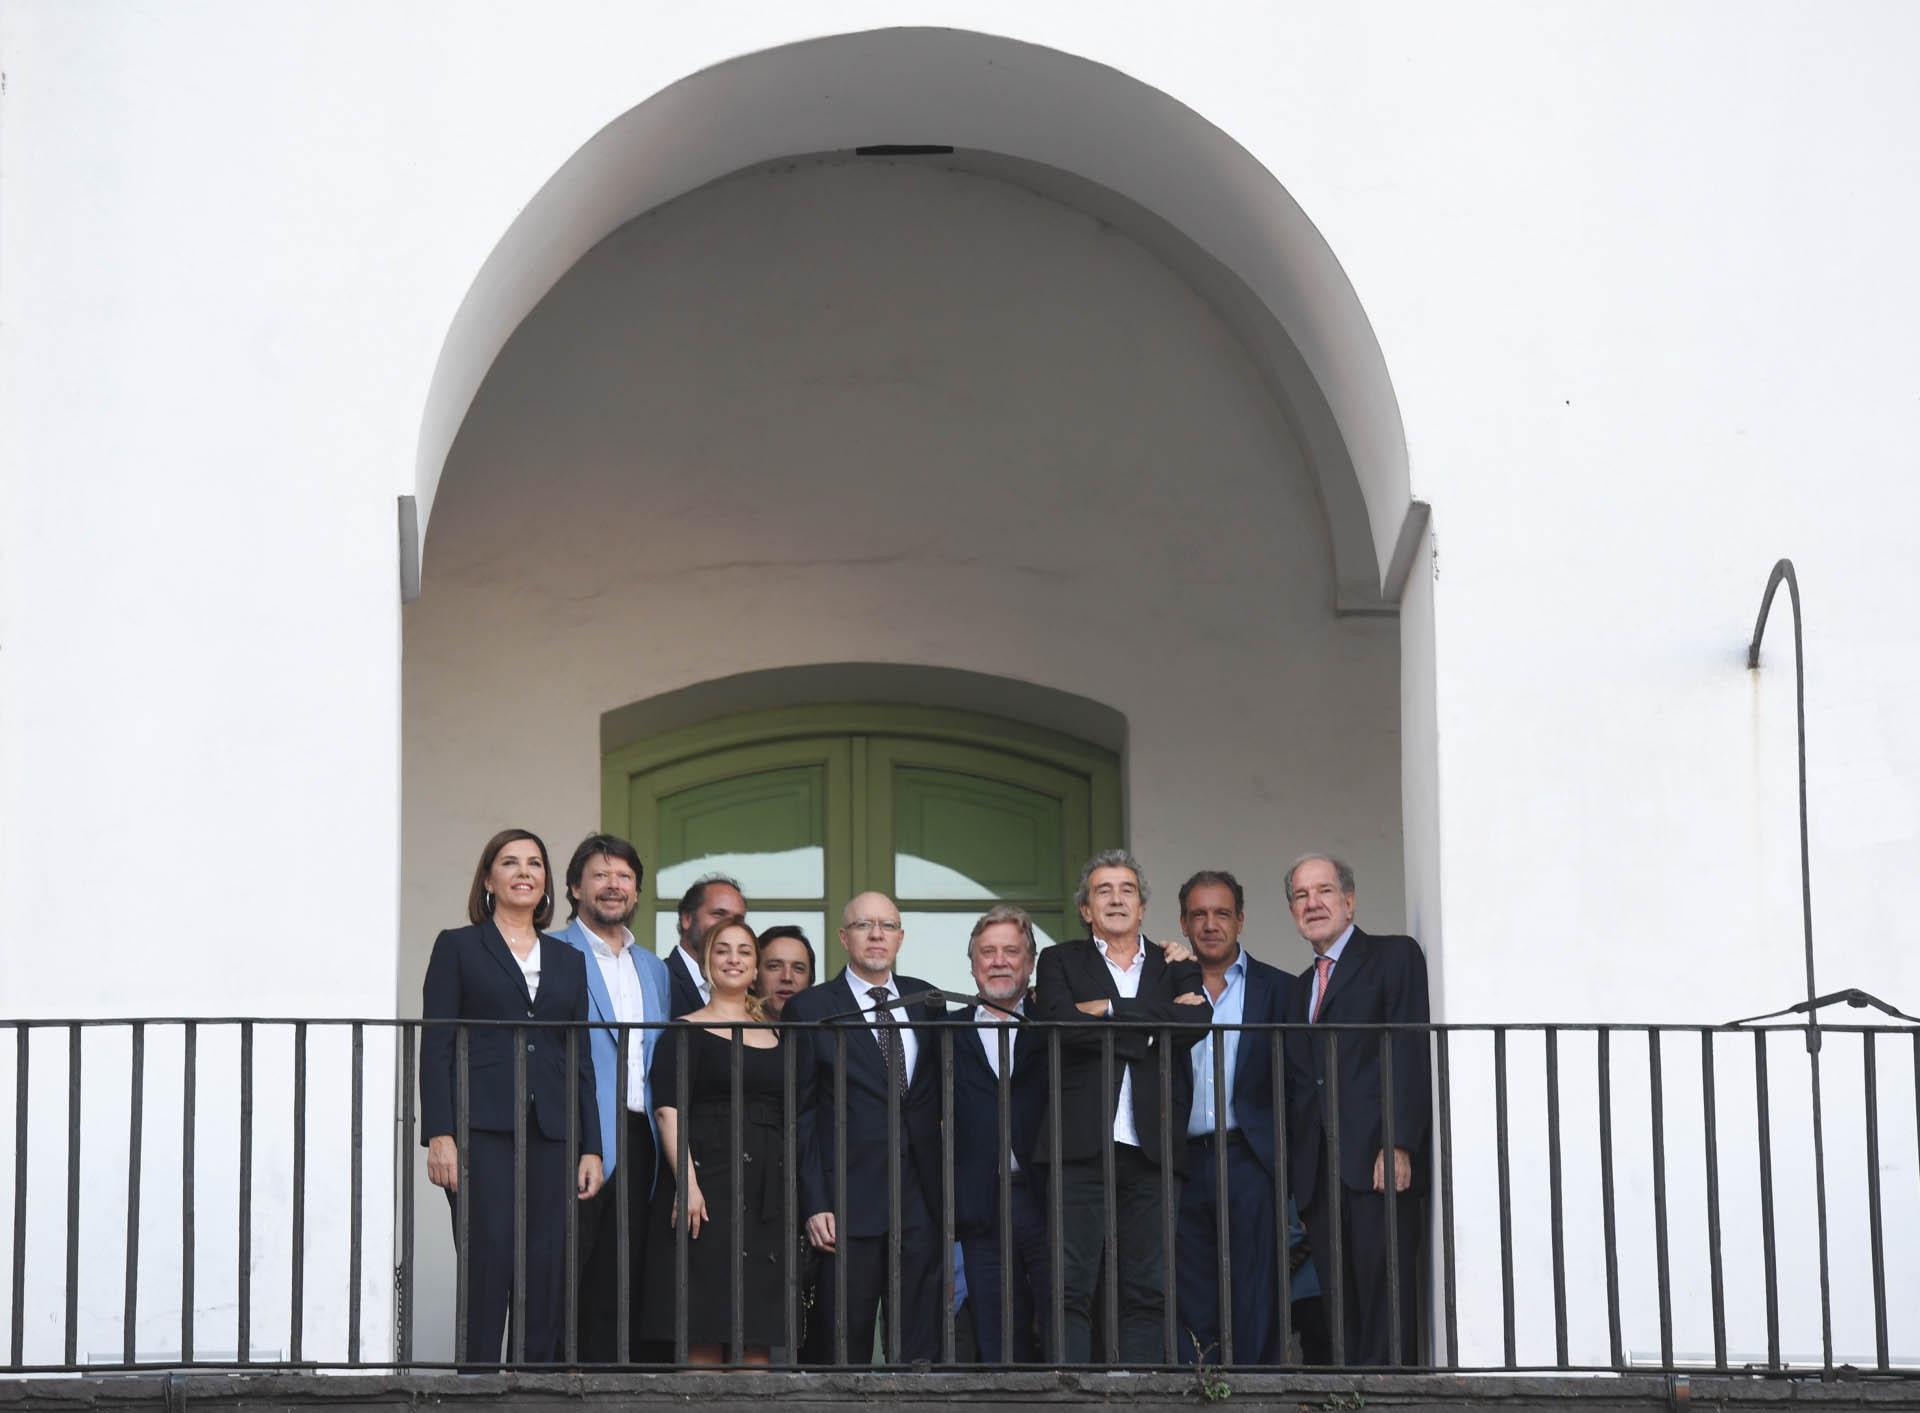 Liliana Parodi, Carlos De Elía, María Julia Oliván, Chani Guyot, José del Río, Jorge Fernández Díaz, Ricardo Kirschbaum, Ricardo Roa, Daniel Hadad, Héctor D'Amico